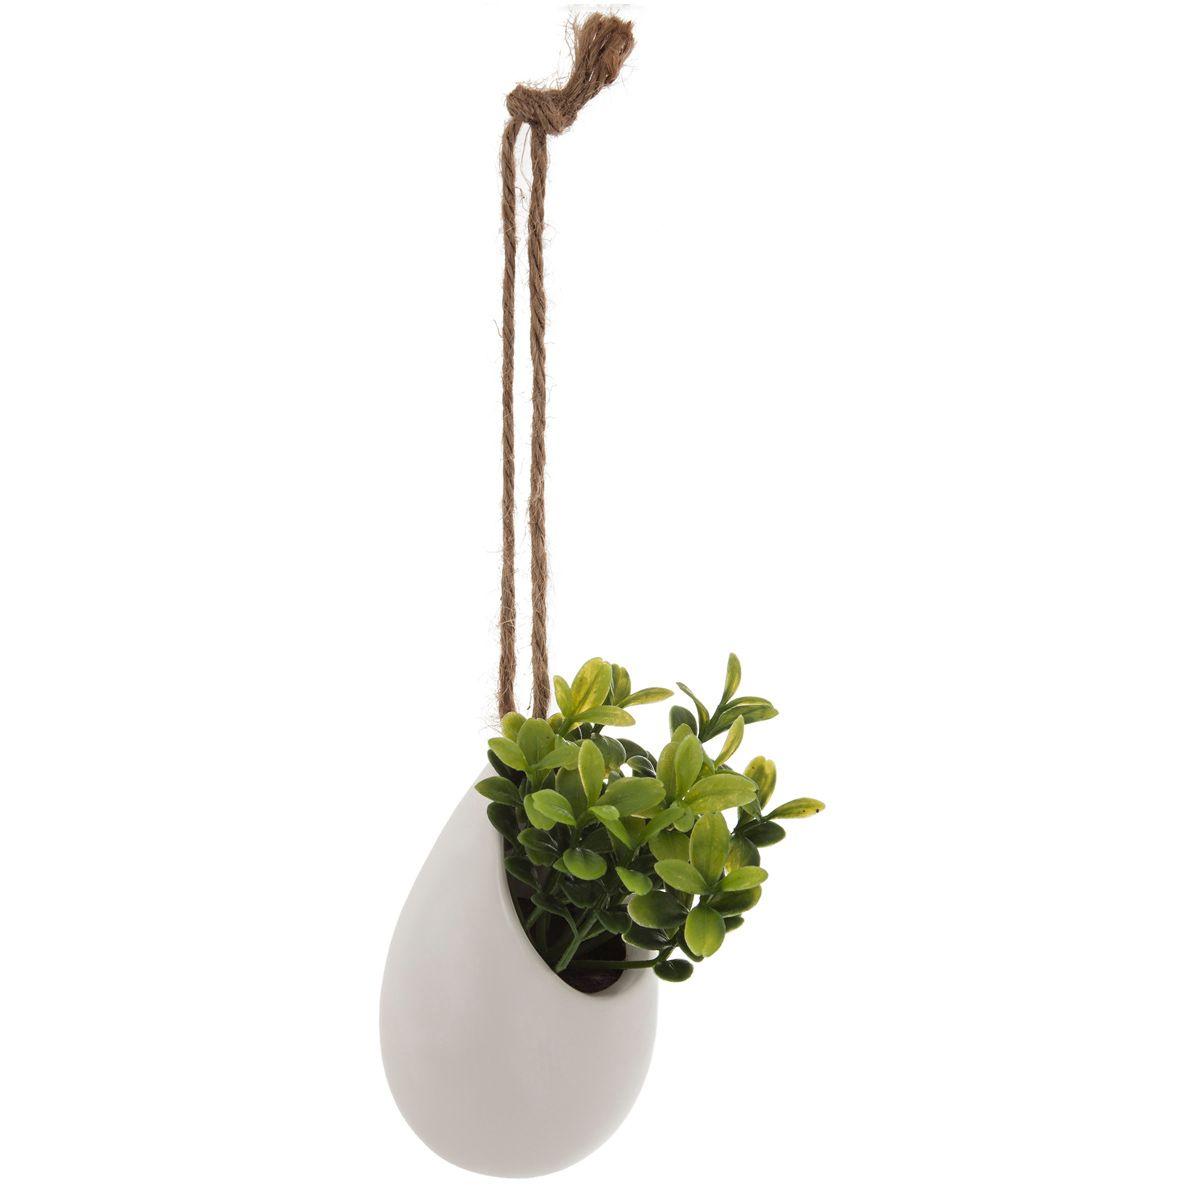 Plante pot mini à suspendre